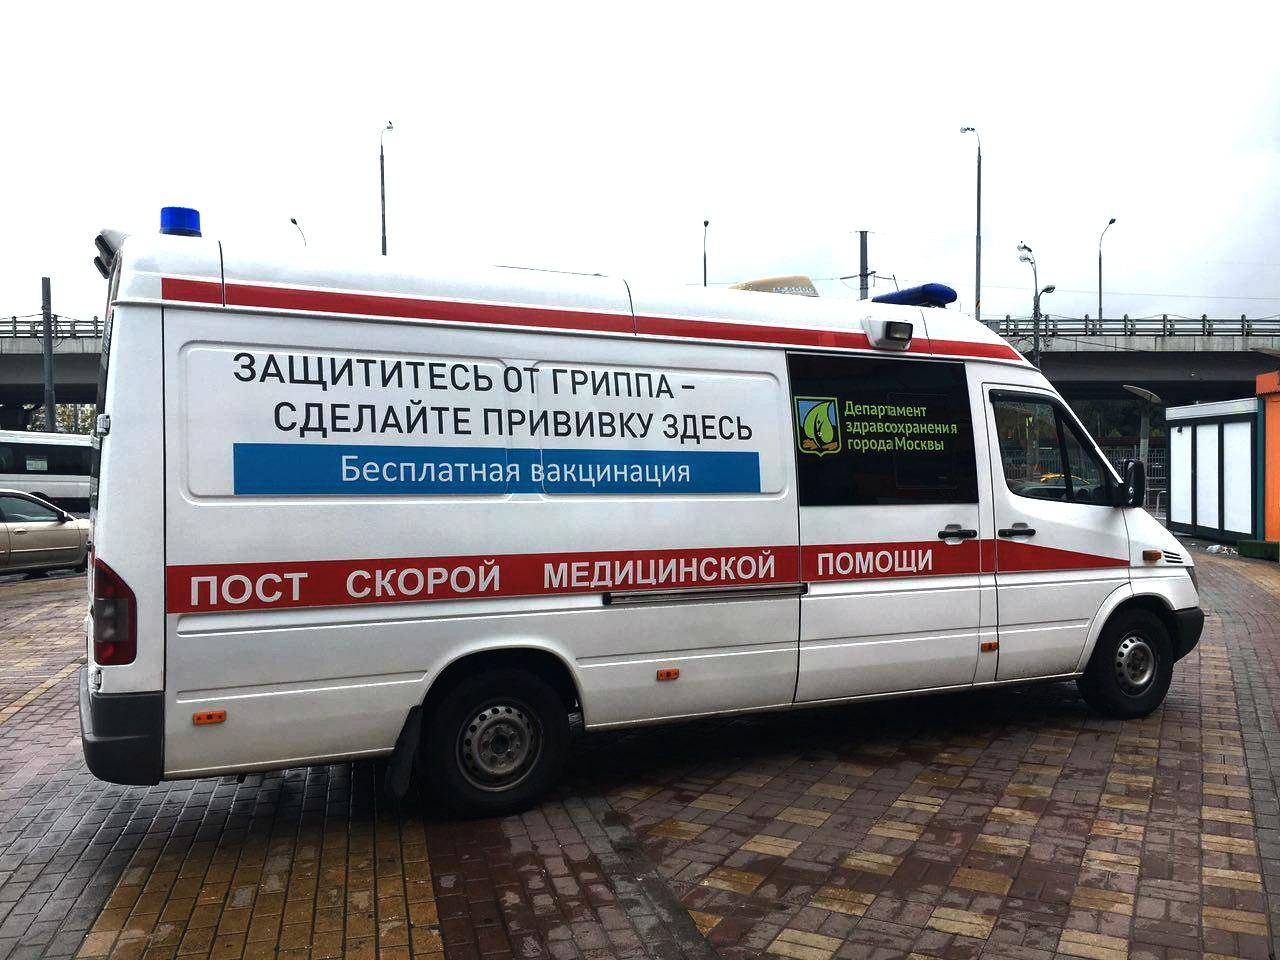 В районе Даниловский можно будет сделать бесплатные прививки